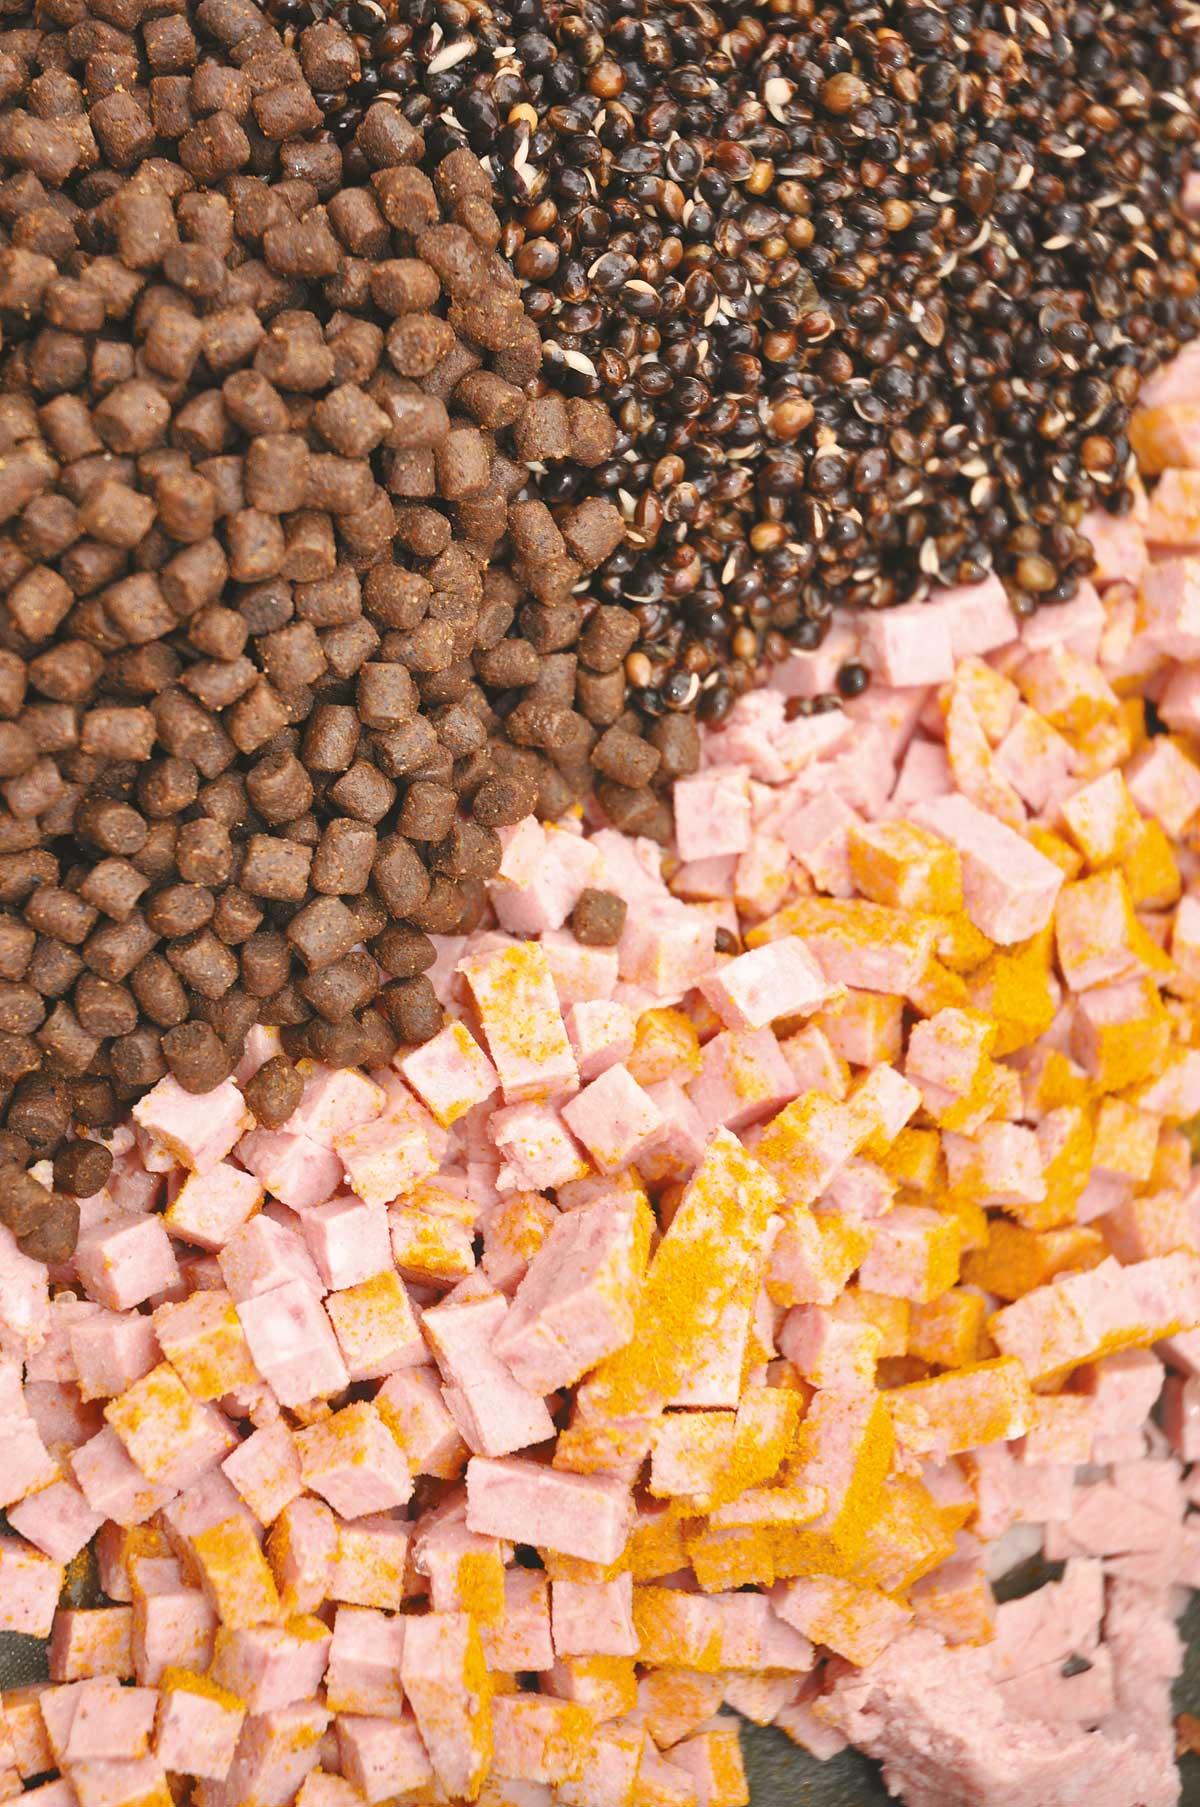 Die Happen werten zusammen mit einigen Partikeln wie Hanf oder Pellets jedes Anfutter auf.